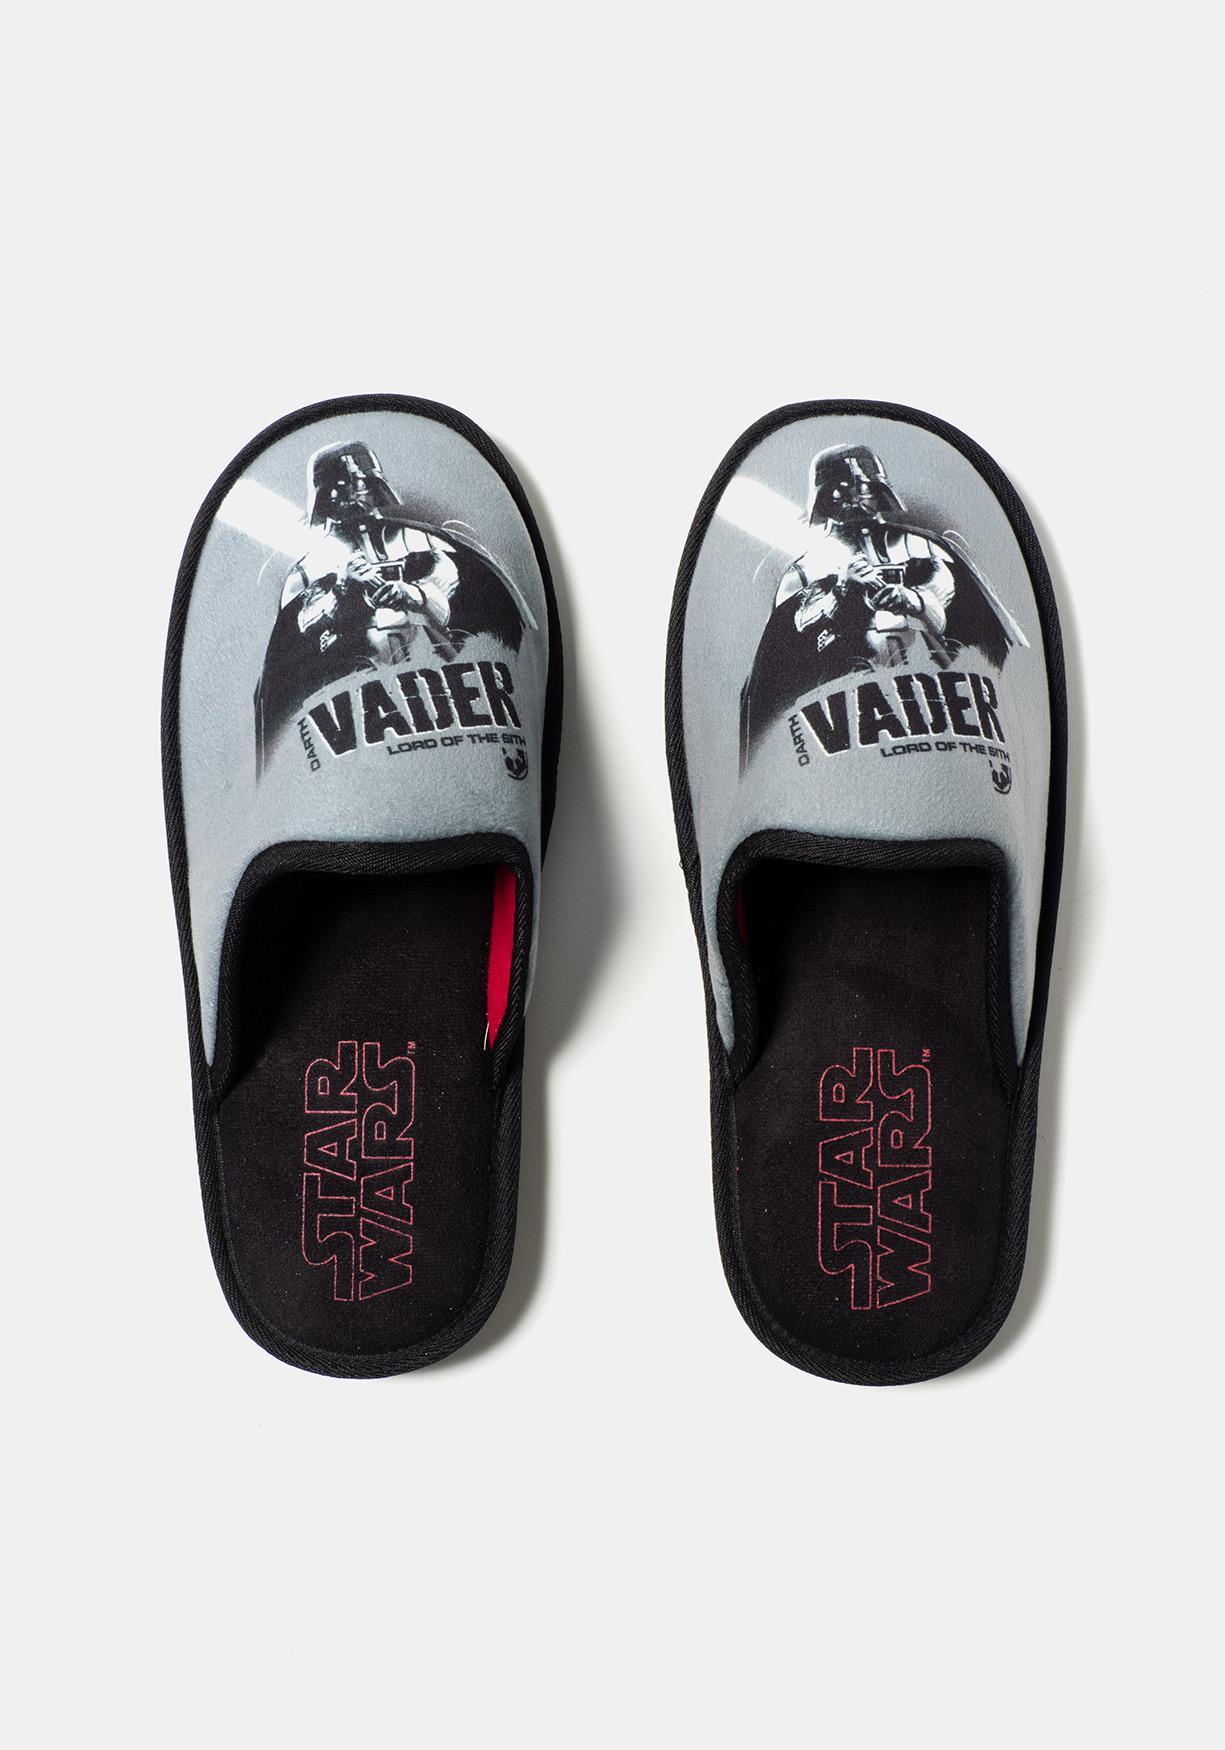 Star Comprar Estampadas Zapatillas Casa De Wars Por Estar wvqFg